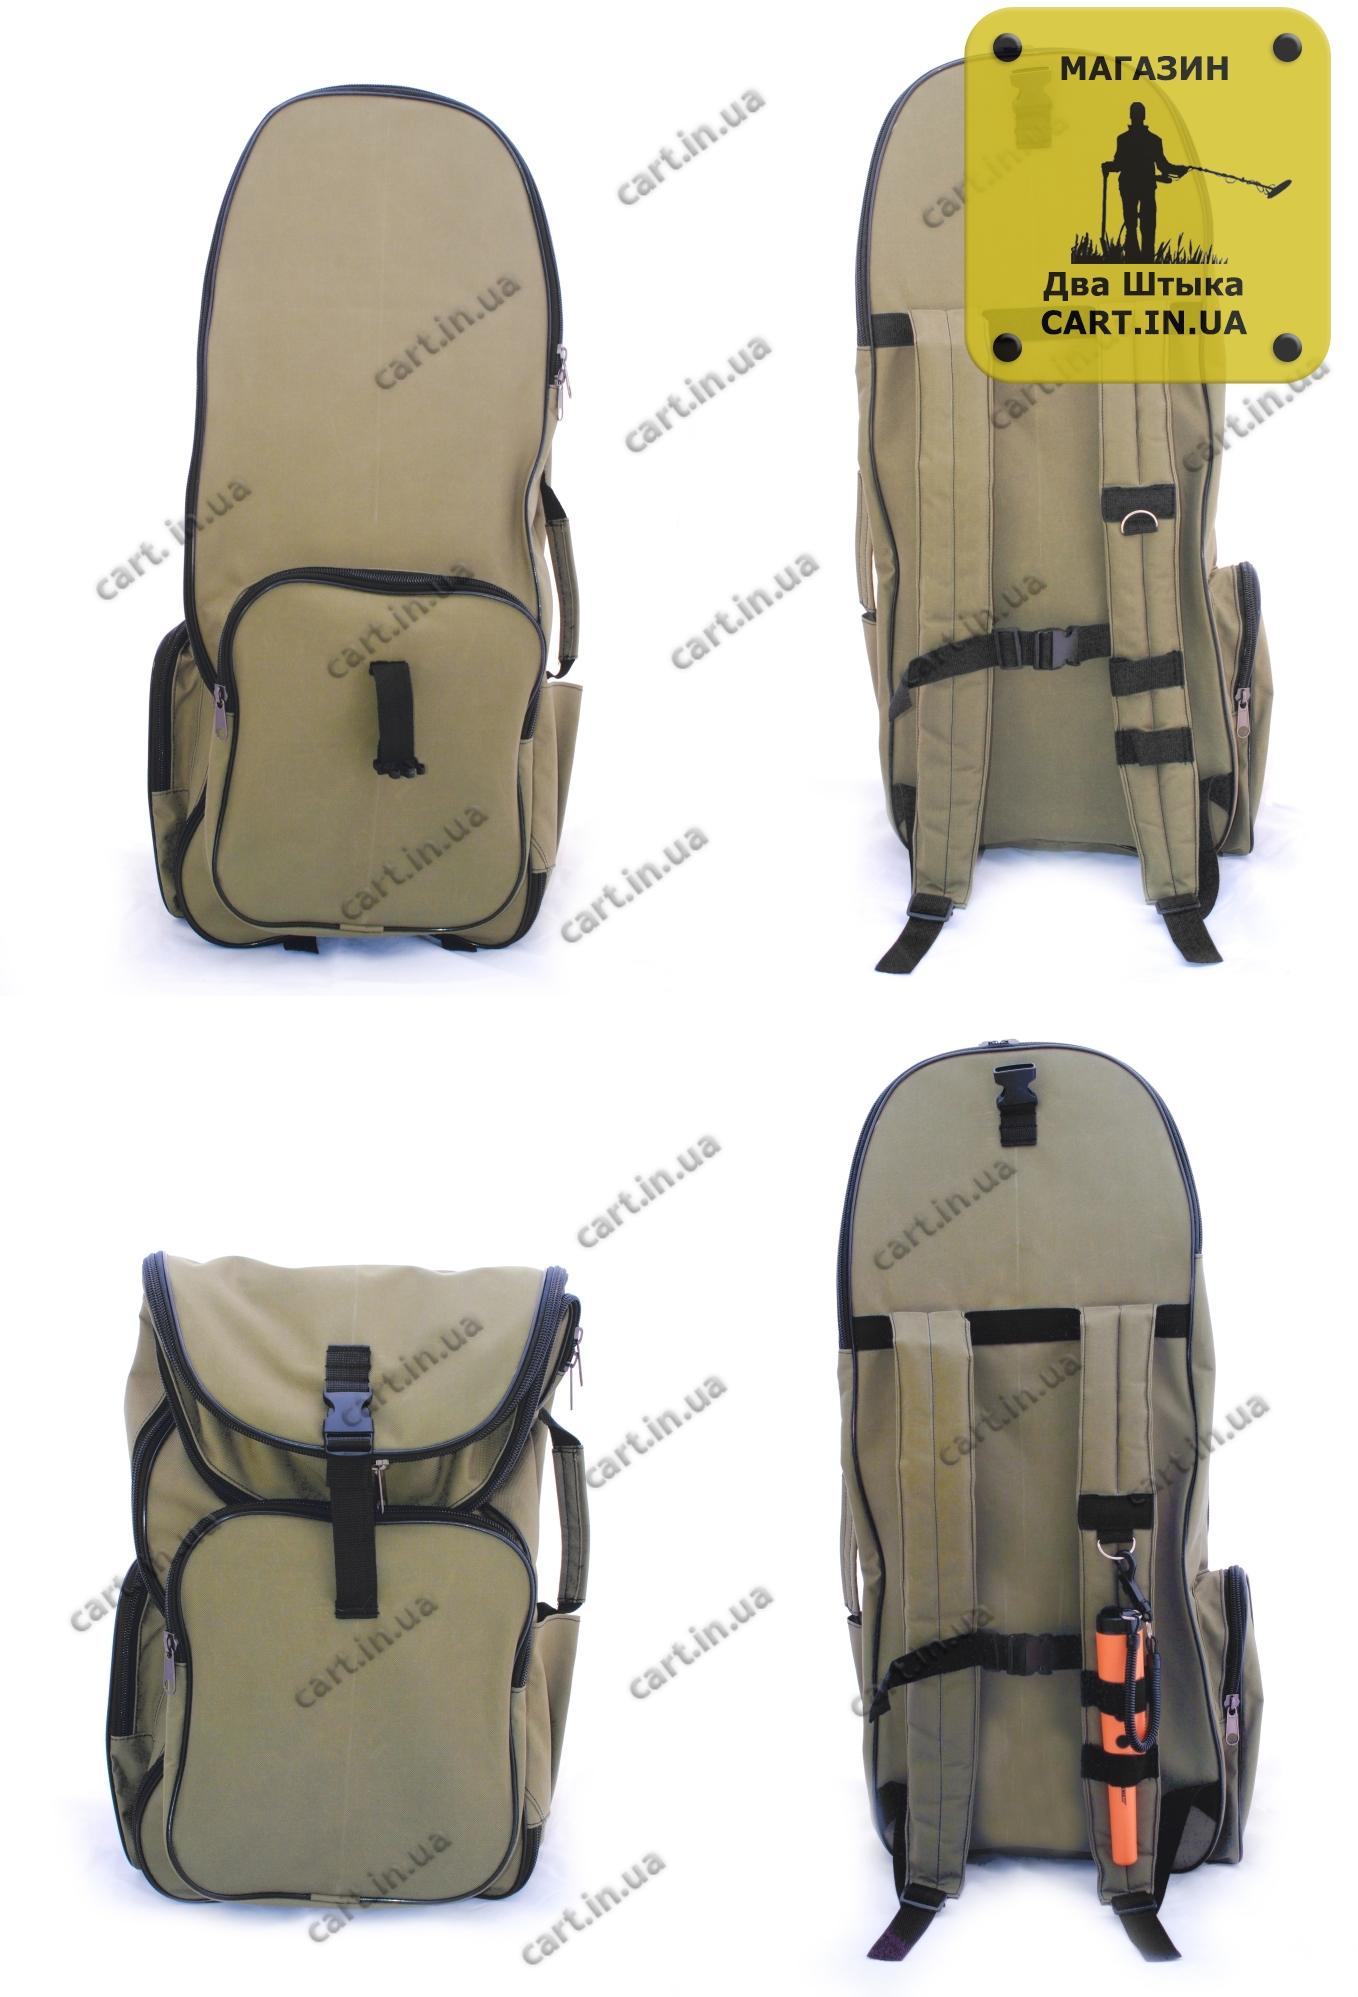 Рюкзак для металлоискателя, охота, рыбалка- 80см. магазин дв.